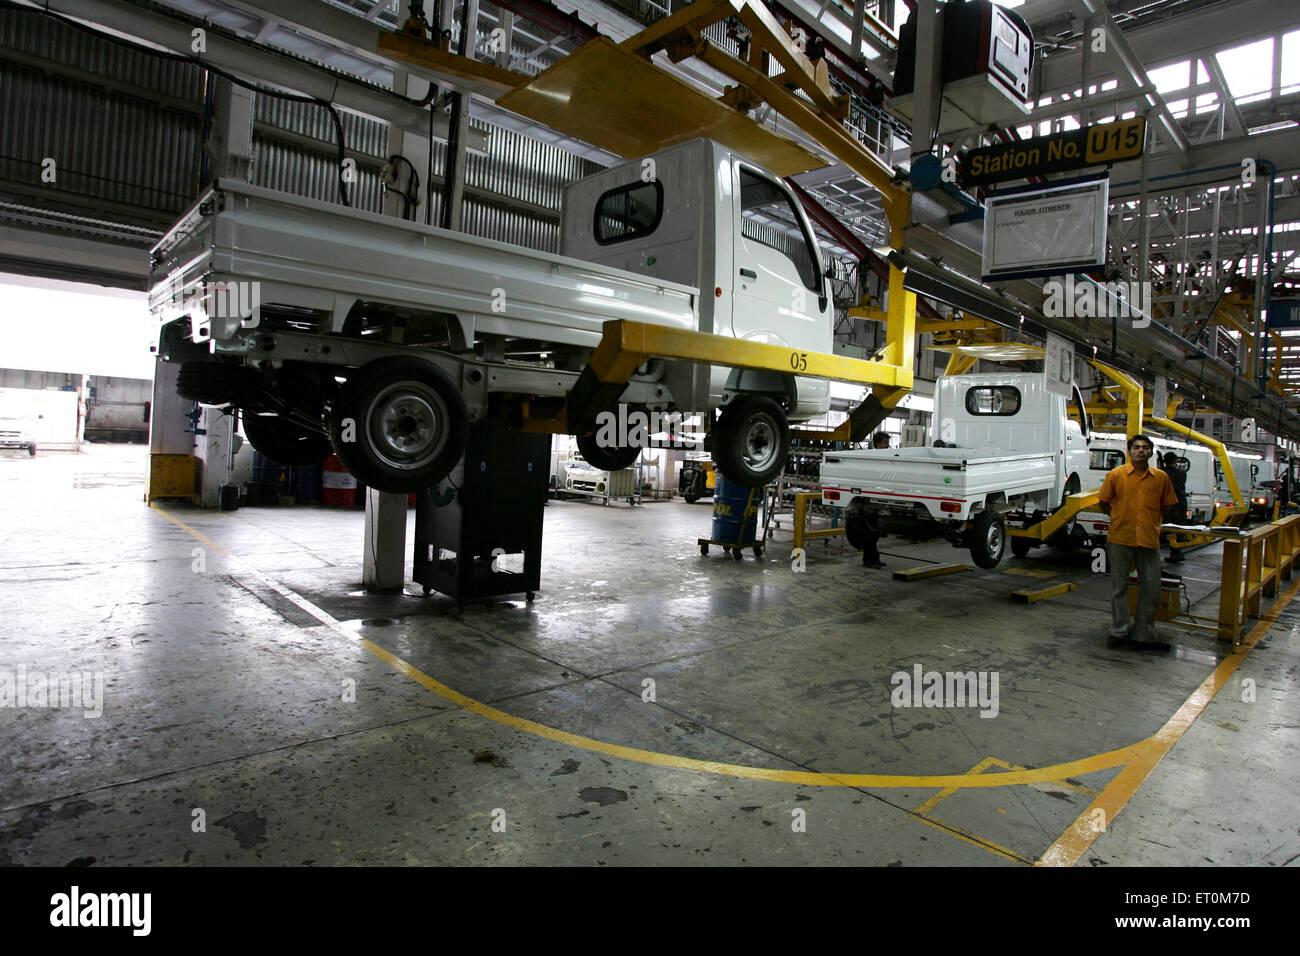 Tata motors new range of mini matador Tata Ace commercial vehicle workshop Tata motors plant ; Pimpri Pune - Stock Image